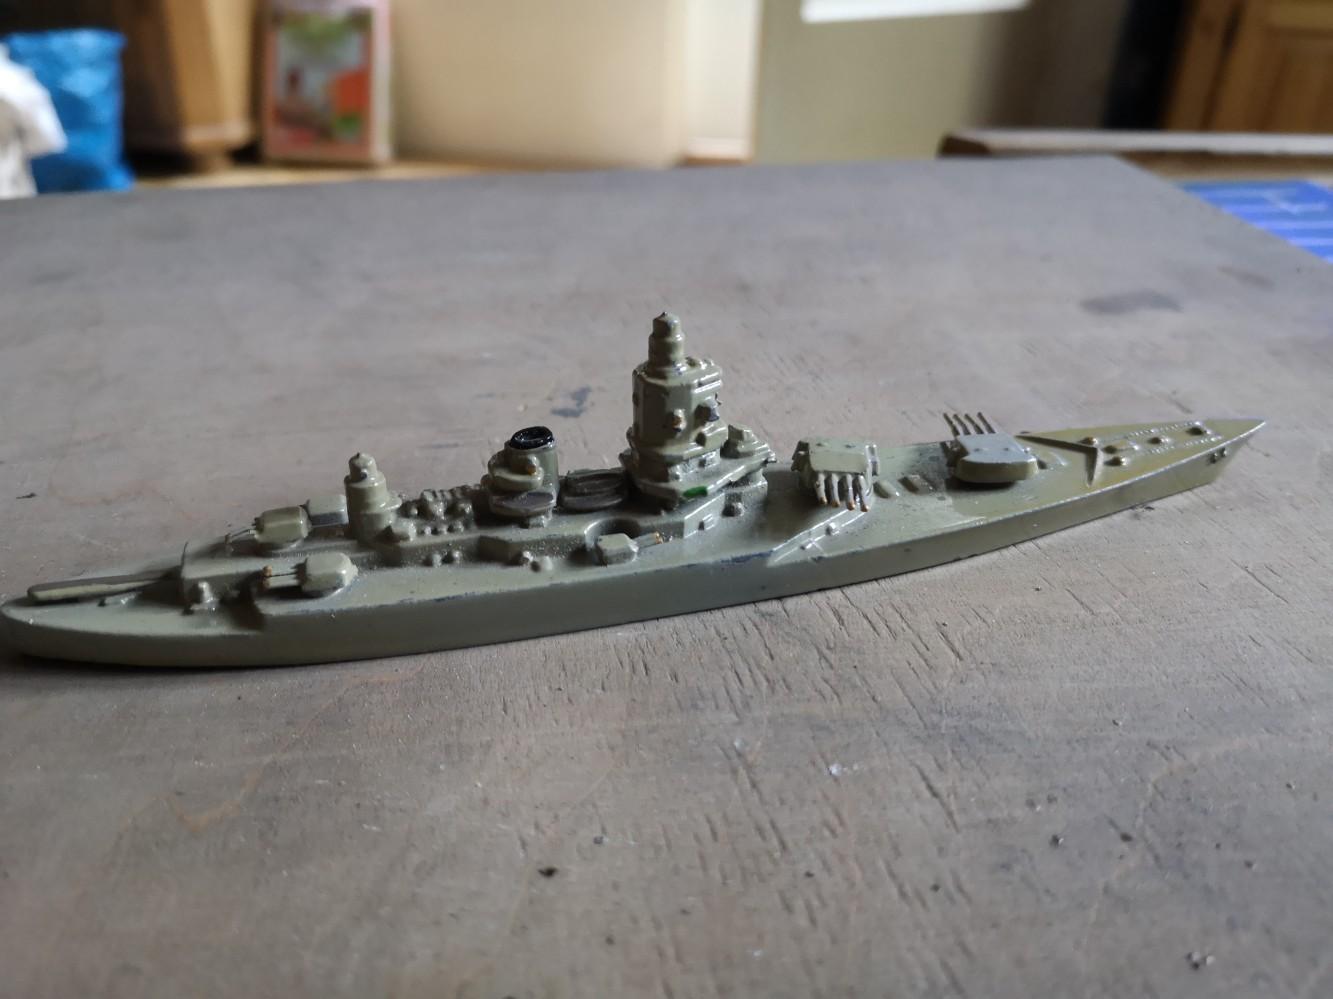 Kollektion von Model Schiffe von die Marke Wiking